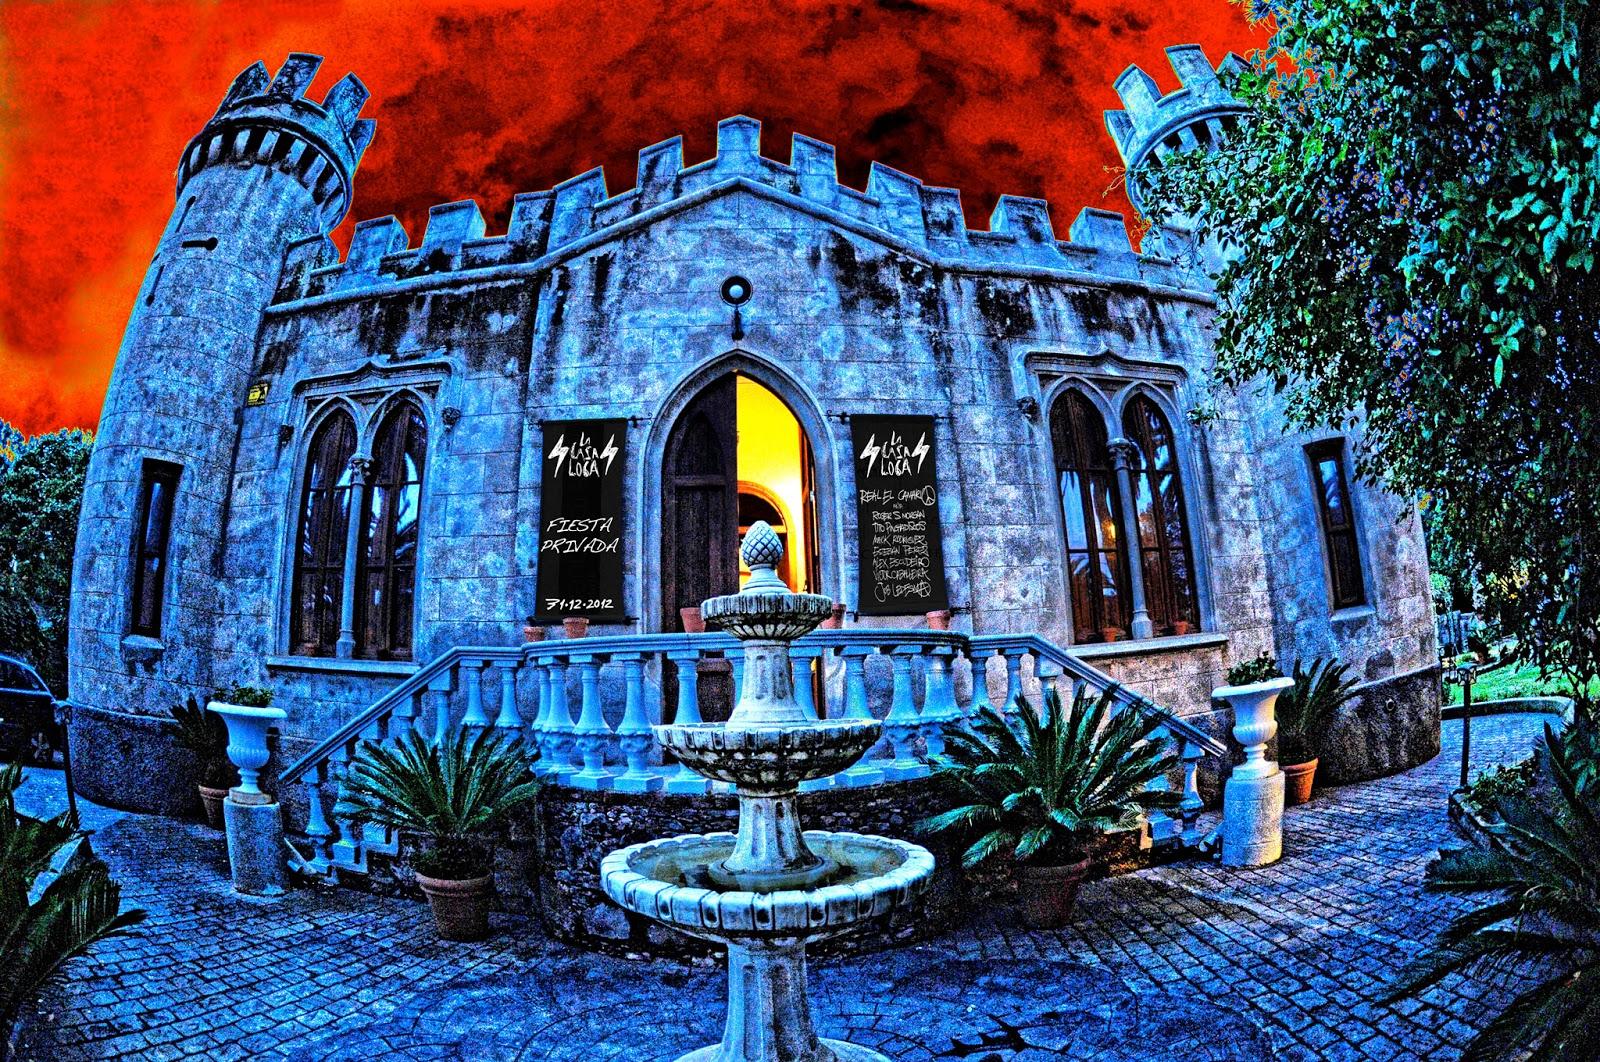 La casa loca fiesta fin de a o farra world un mundo de eventos a otro nivel - Casa para fin de ano malaga ...